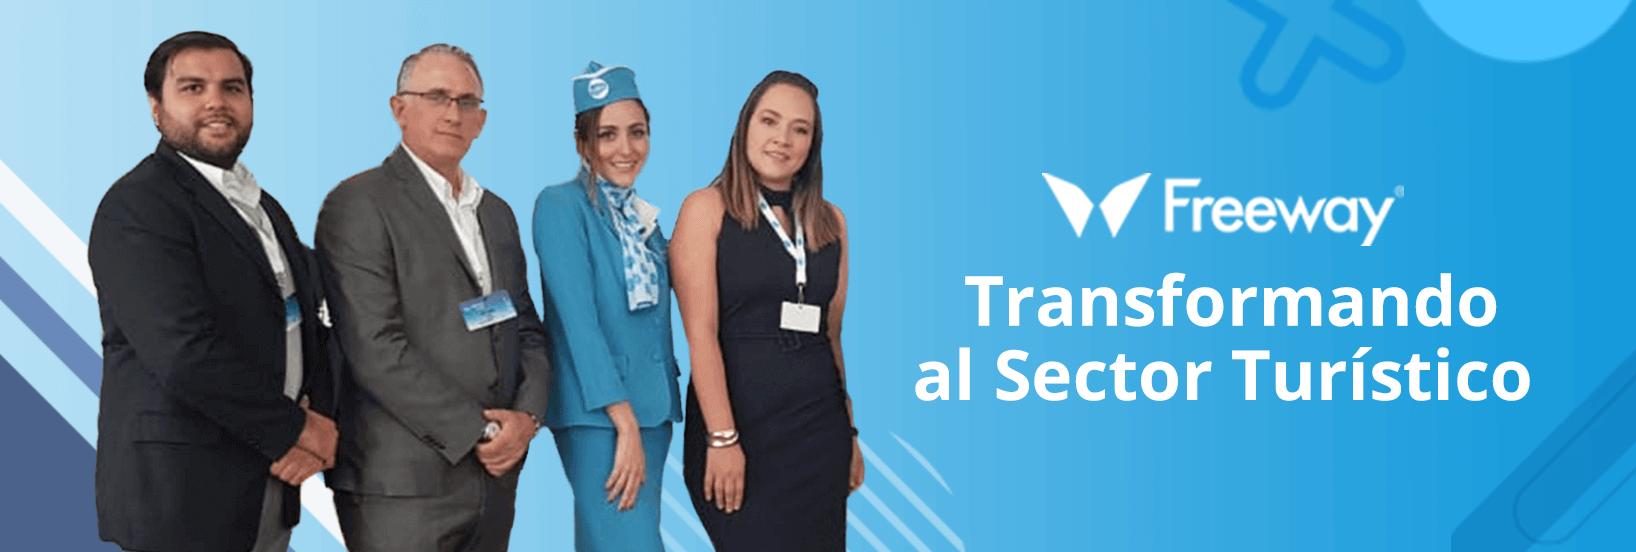 Freeway, Salesforce Partner transformando al sector turístico